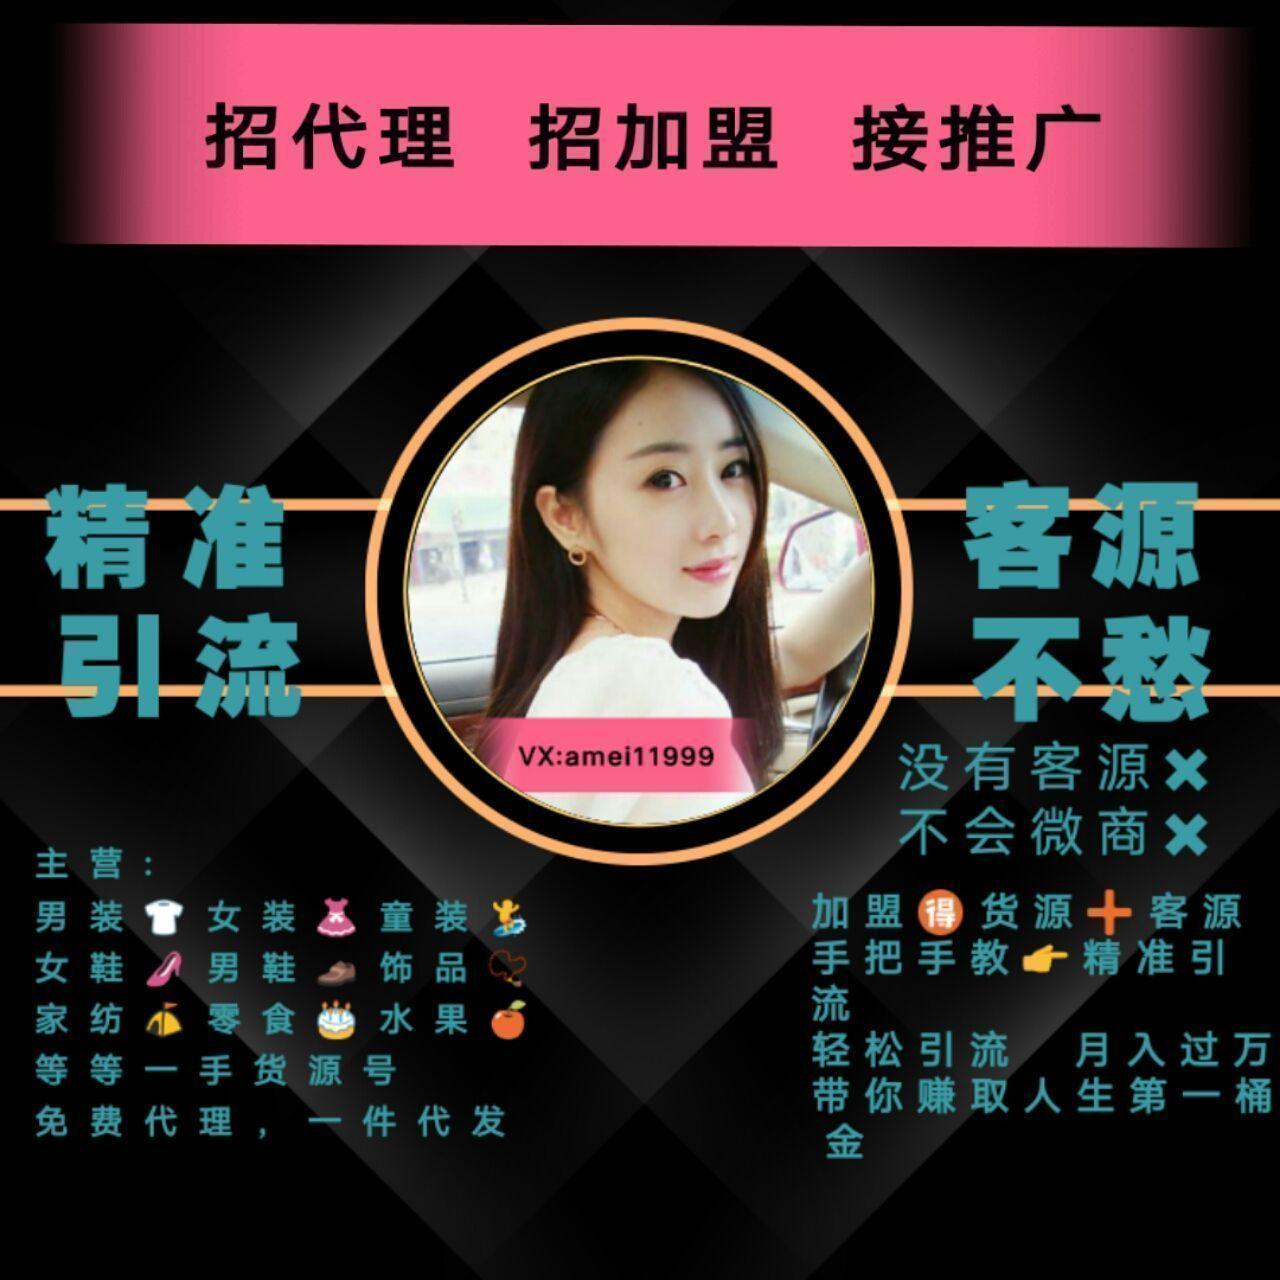 杭州四季青8000家童装女装货源总仓,支持一件代发